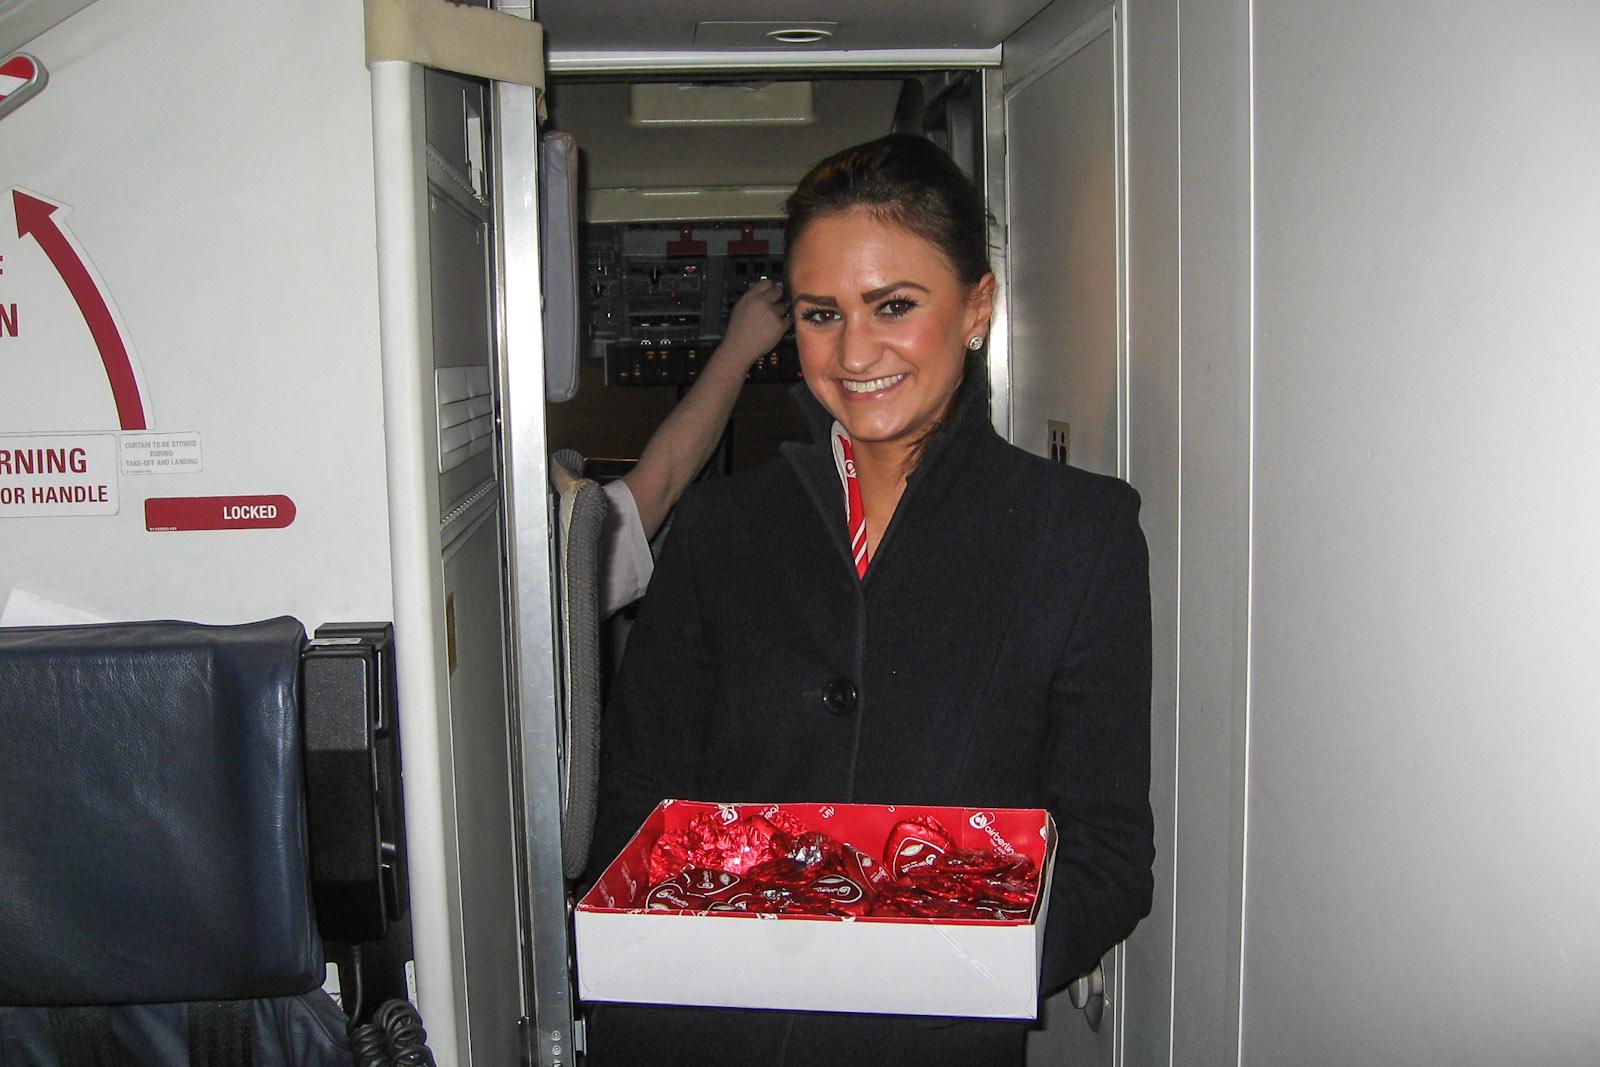 Бортпроводница авиакомпании LGW раздает шоколадные сердца Lindt